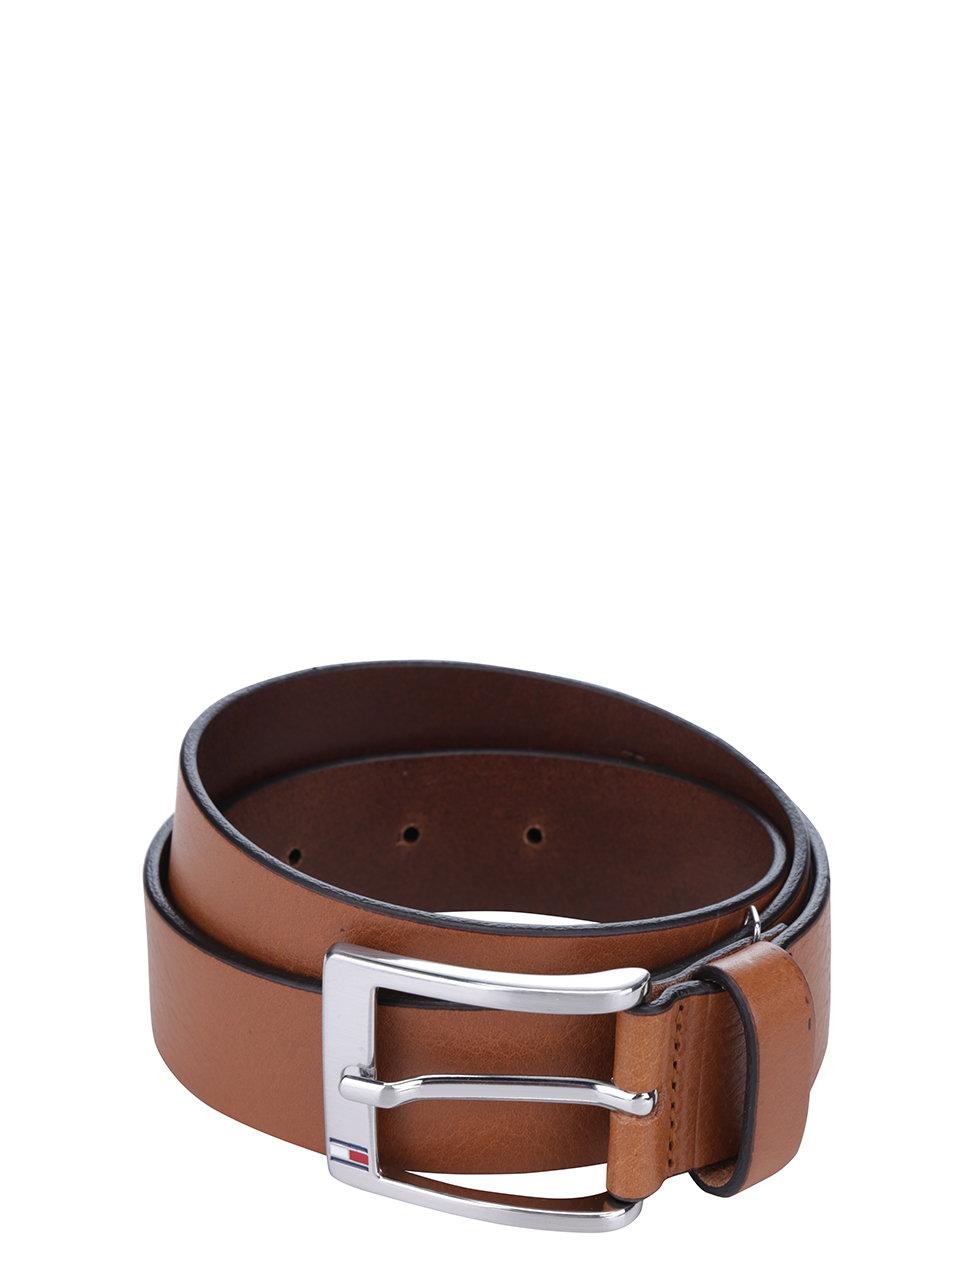 Hnedý pánsky kožený opasok Tommy Hilfiger New Aly ... 91f46a335d7